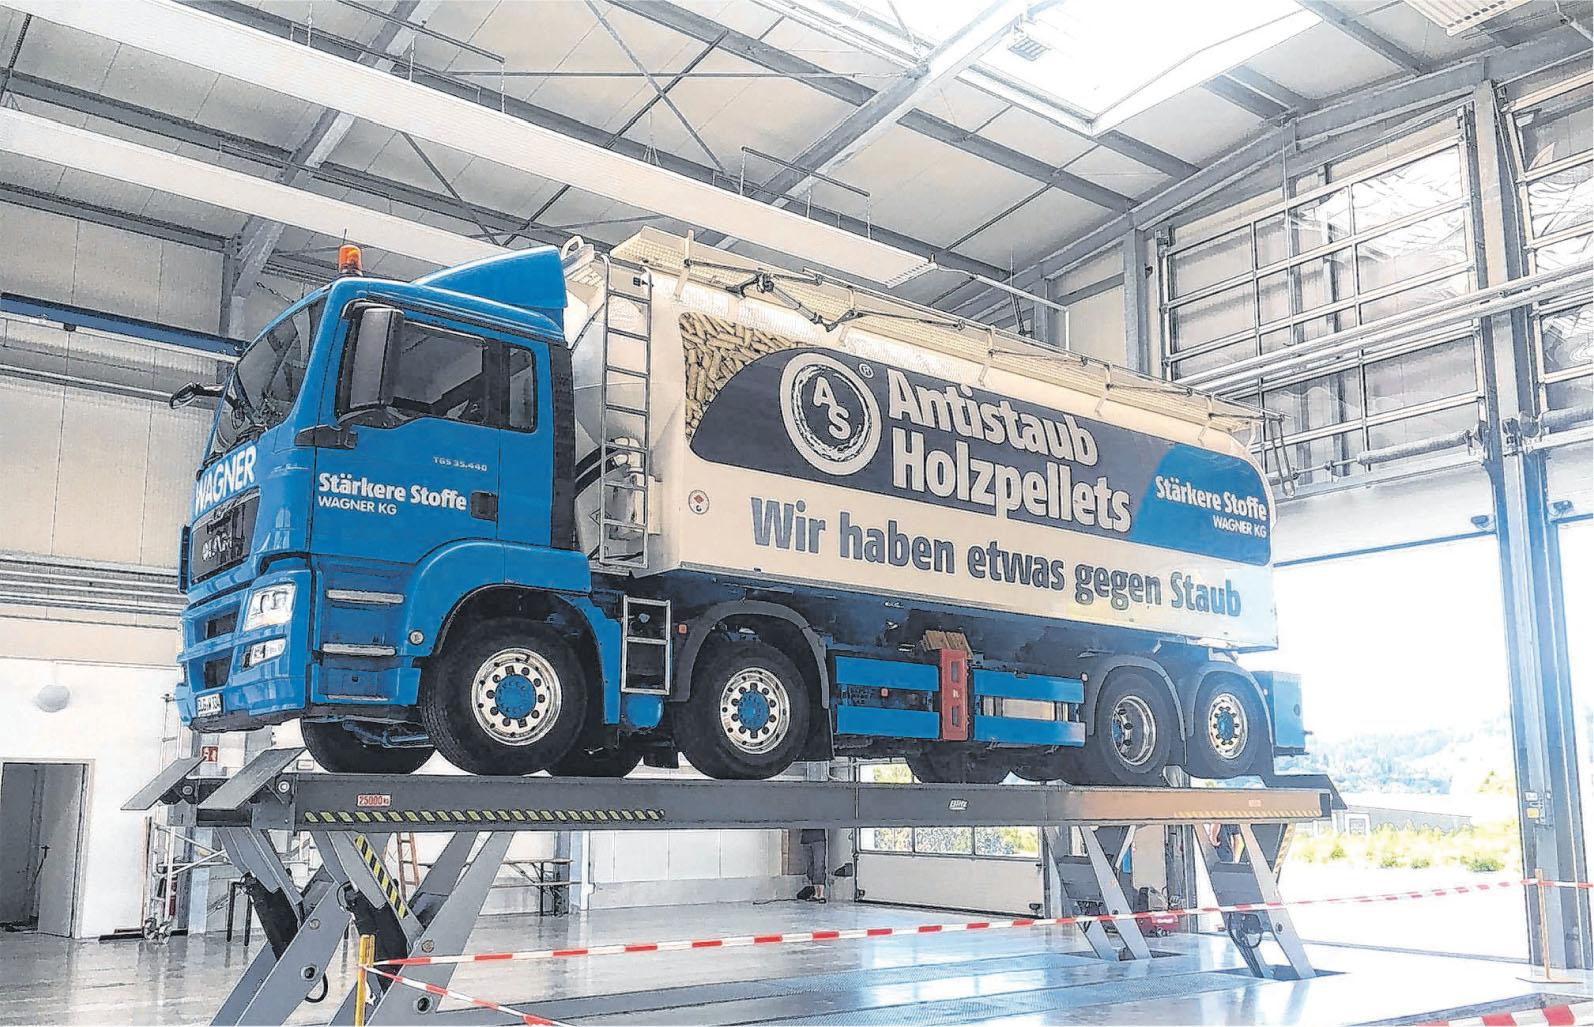 Die Krananlage in der neuen Halle erleichtert das Aufbringen der Gewichte auf die Fahrzeuge. Fotos: privat